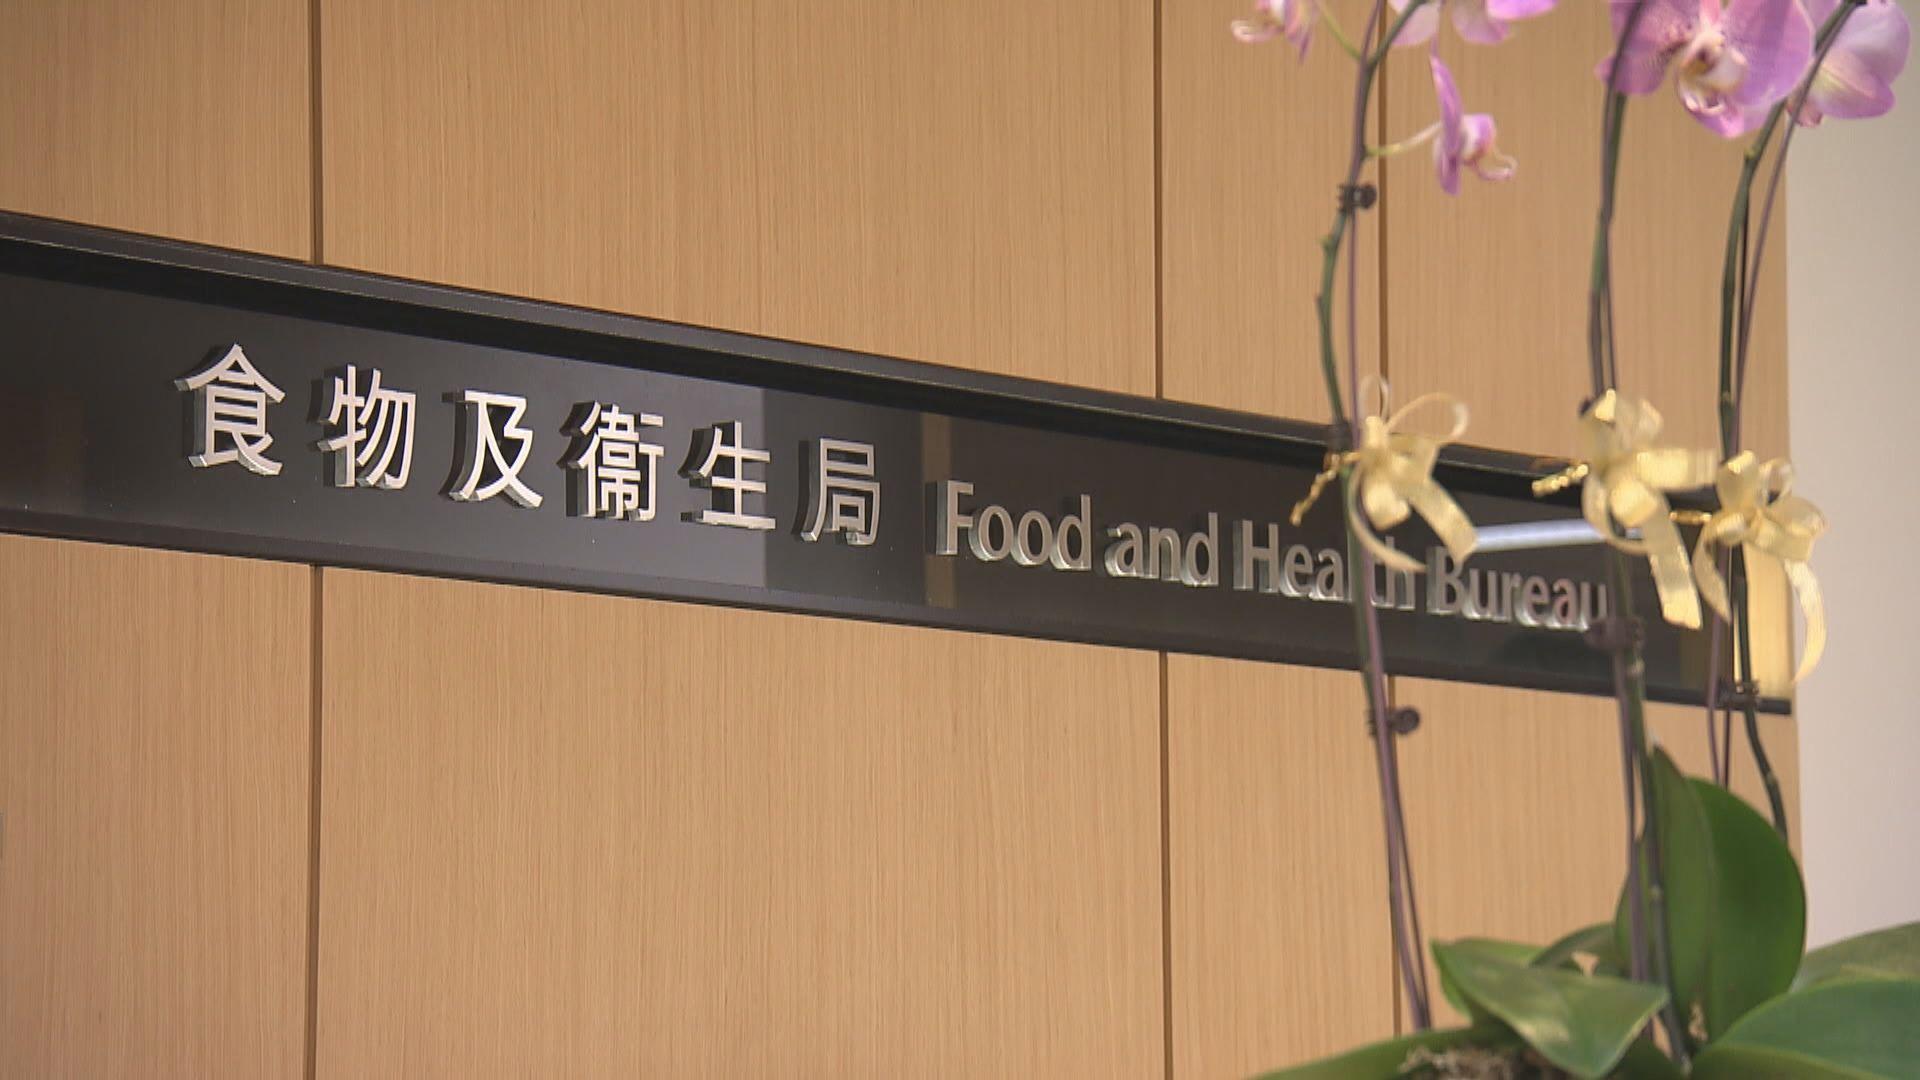 食衞局擬明年向立會建議修訂《中醫藥條例》